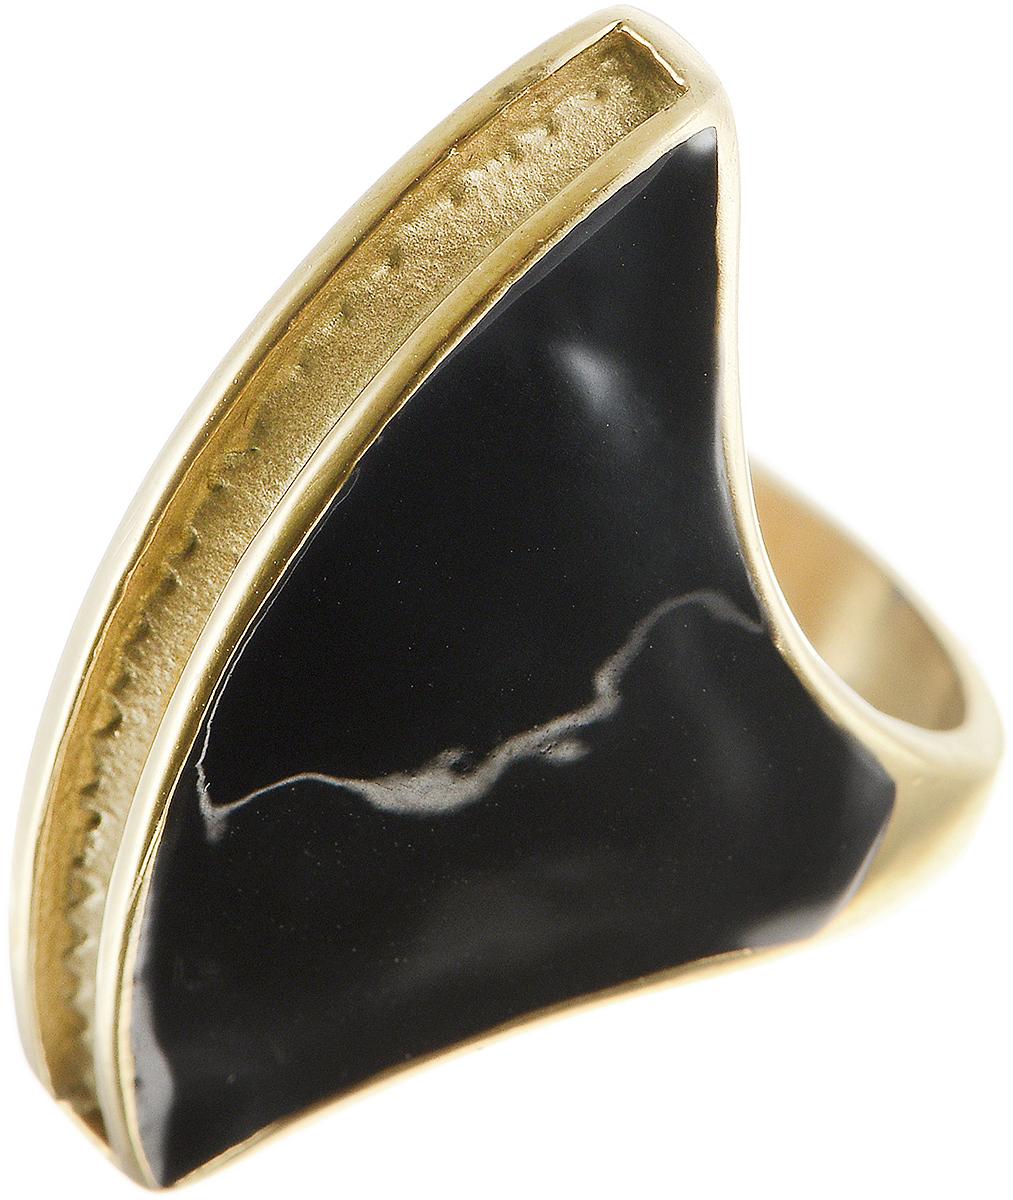 Кольцо Polina Selezneva, цвет: золотистый, черный. DG-0025. Размер 18Коктейльное кольцоСтильное кольцо Polina Selezneva изготовлено из латуни и выполнено в оригинальном дизайне. Декоративная часть оформлена вставкой из эмали.